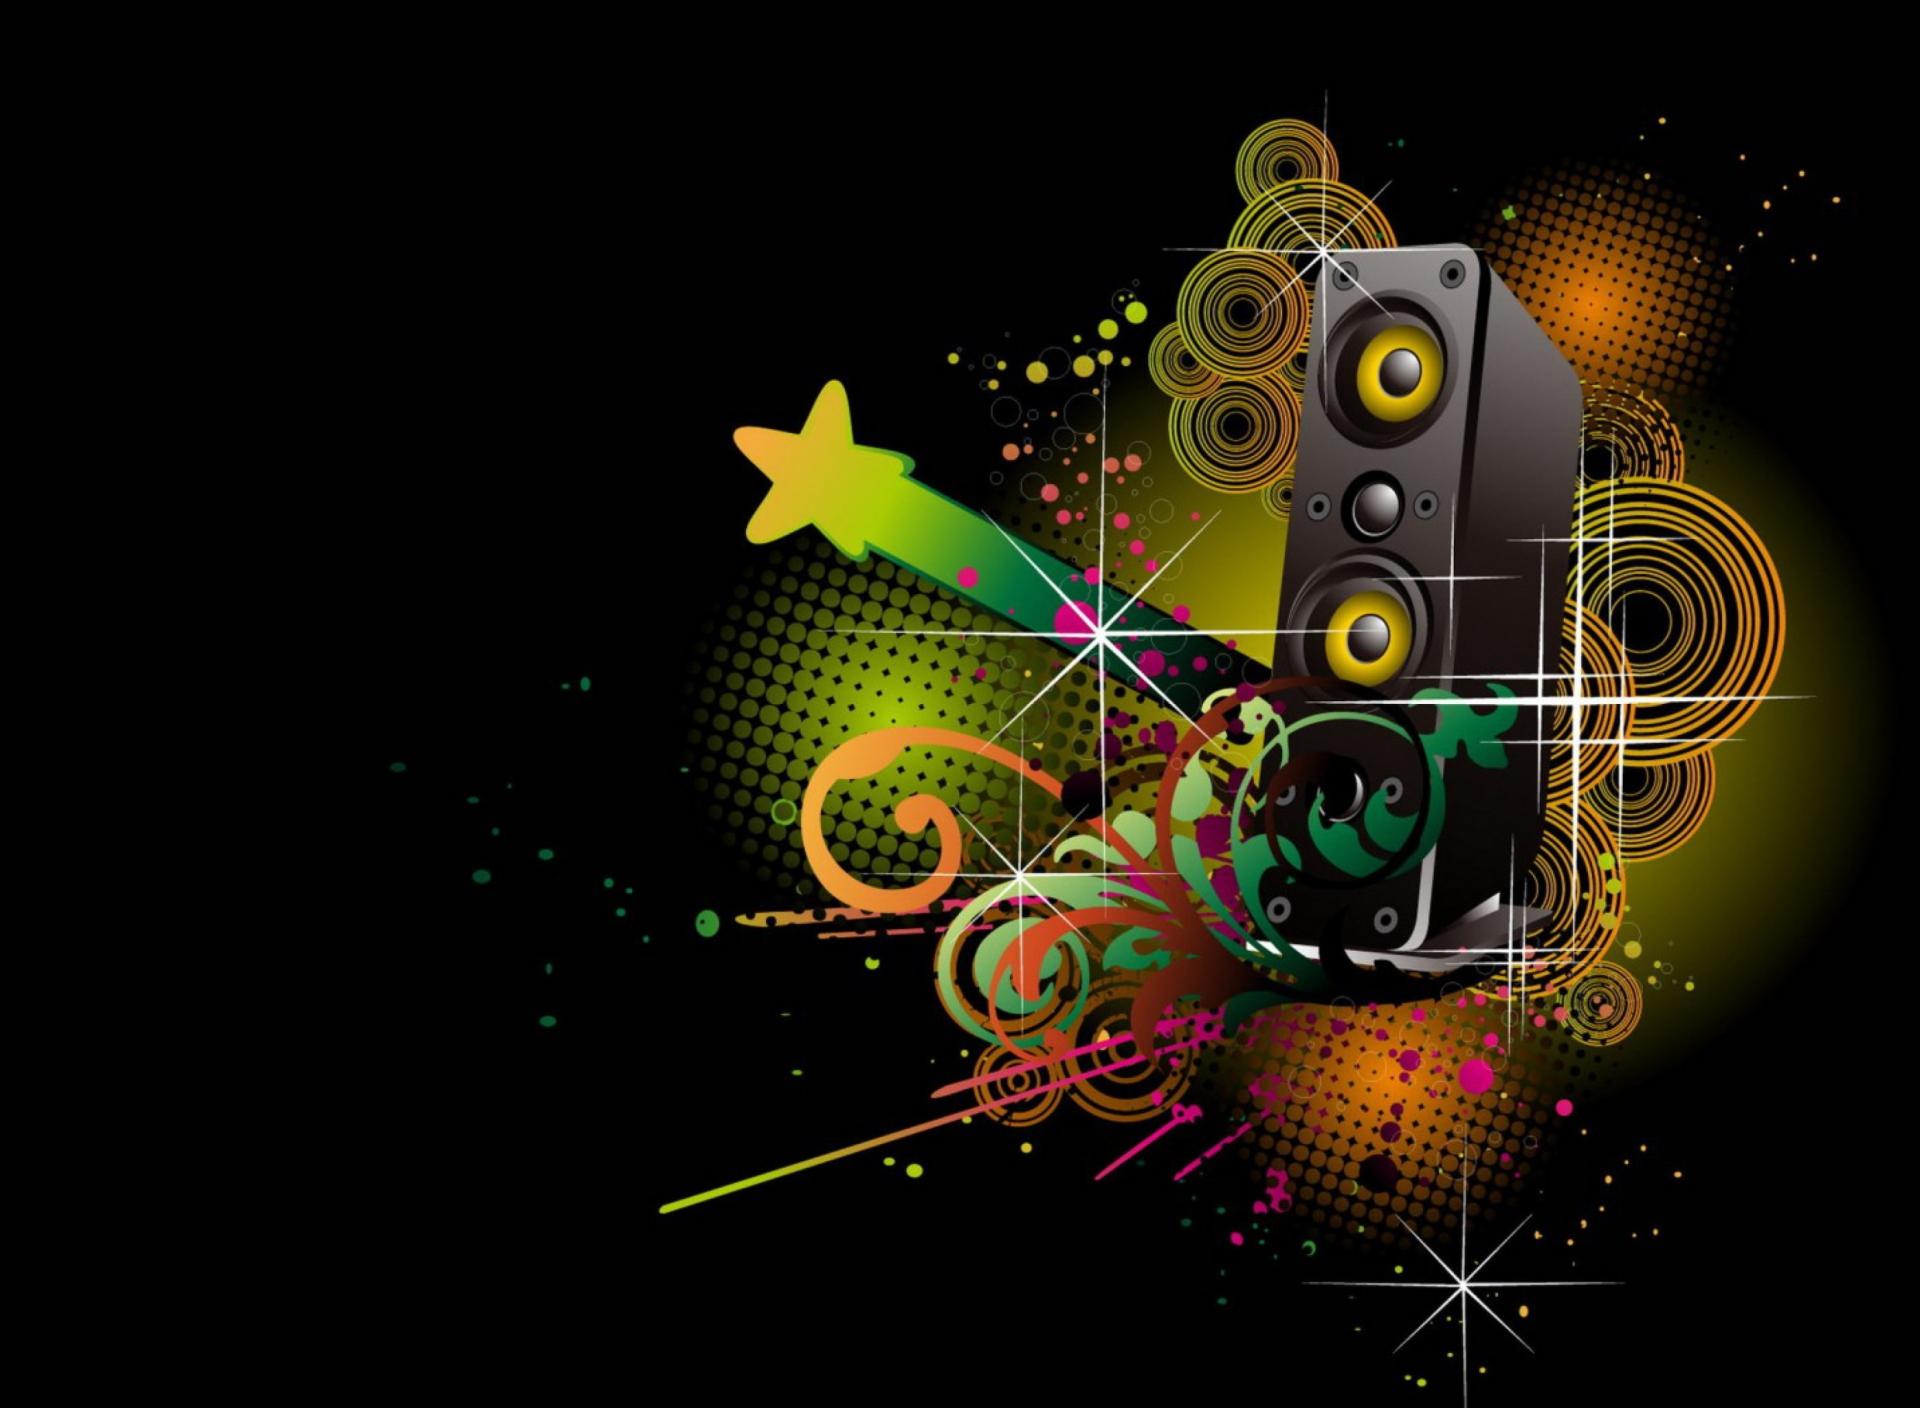 Закачать на телефон музыку картинки